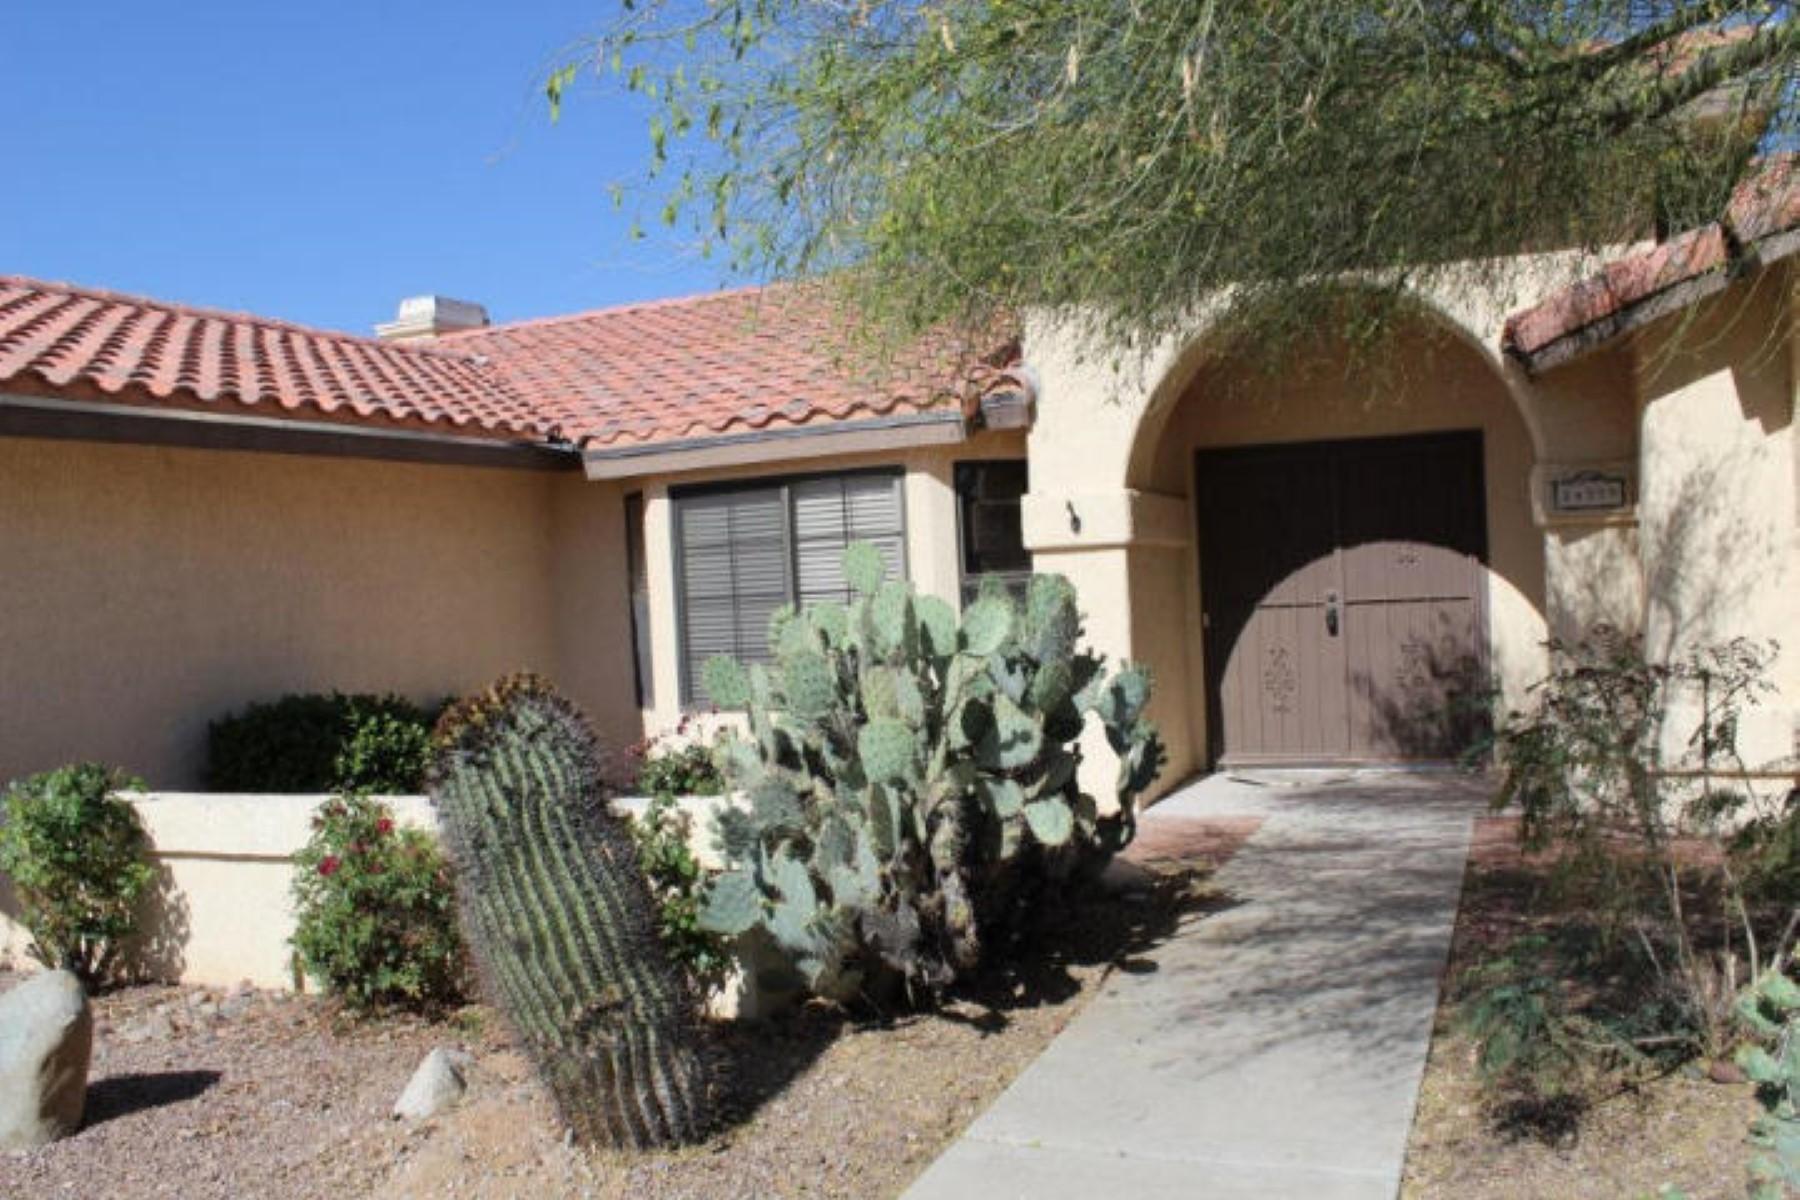 Casa Unifamiliar por un Venta en Crown Point Model with three bed and two Bath. 14339 N Silkwind Way Oro Valley, Arizona 85755 Estados Unidos